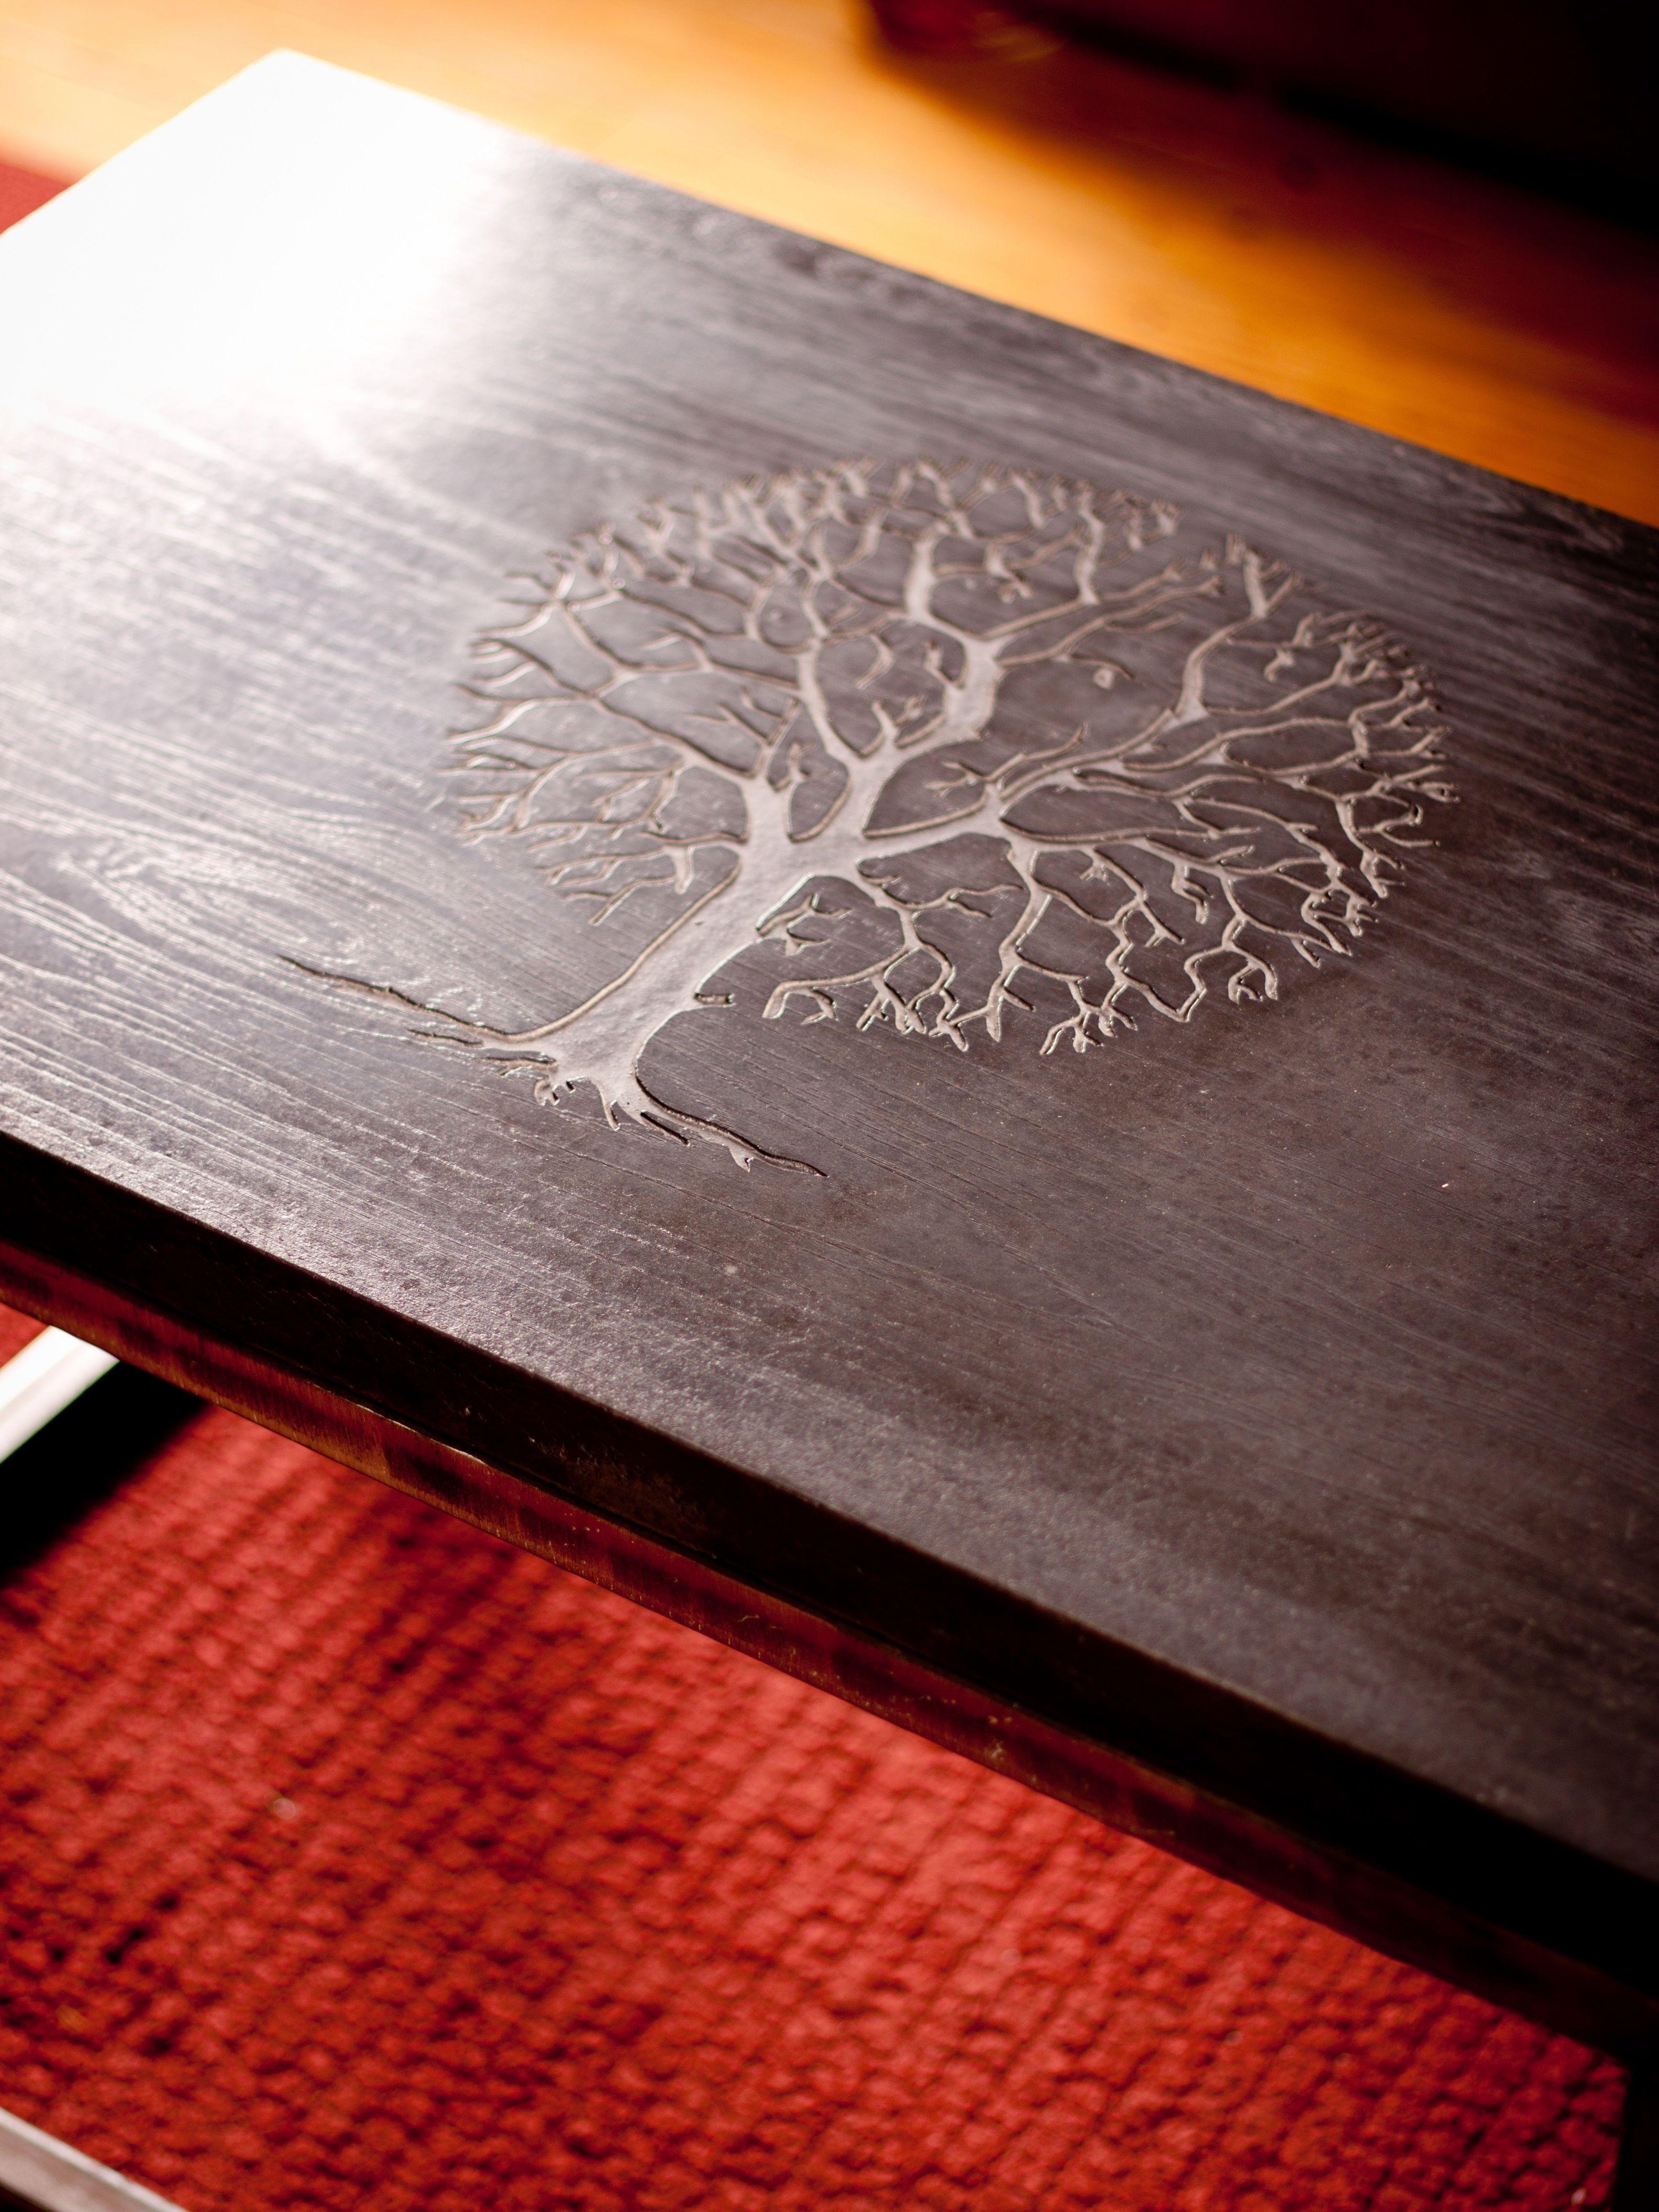 65f571205044ef0c9efce59b4a13d4bb Unique De Table Basse Noir Et Bois Schème